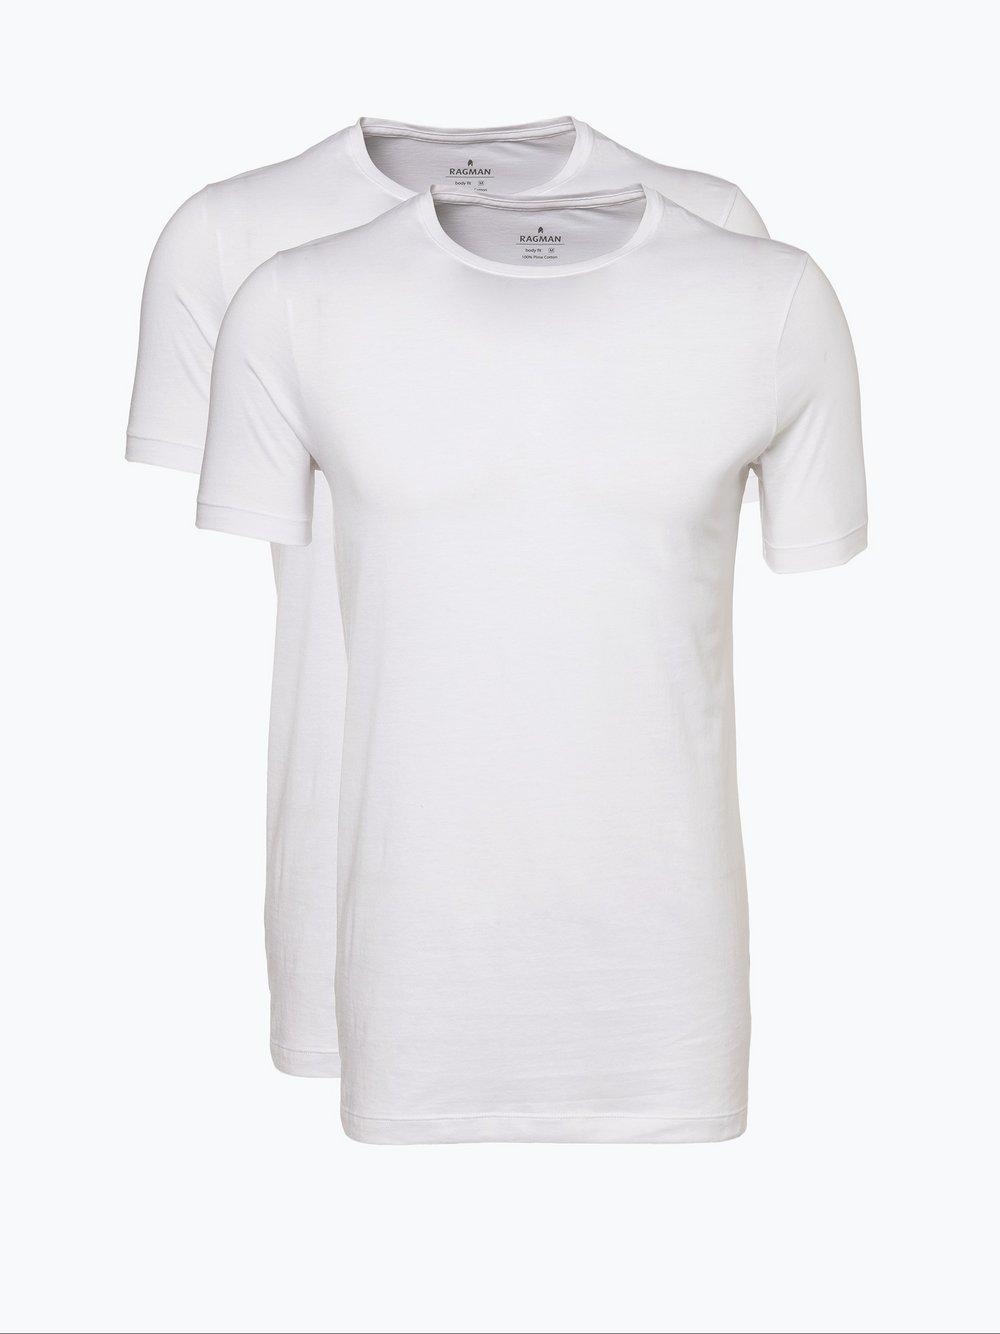 Ragman – T-shirty męskie pakowane po 2 szt., biały Van Graaf 188162-0001-09900